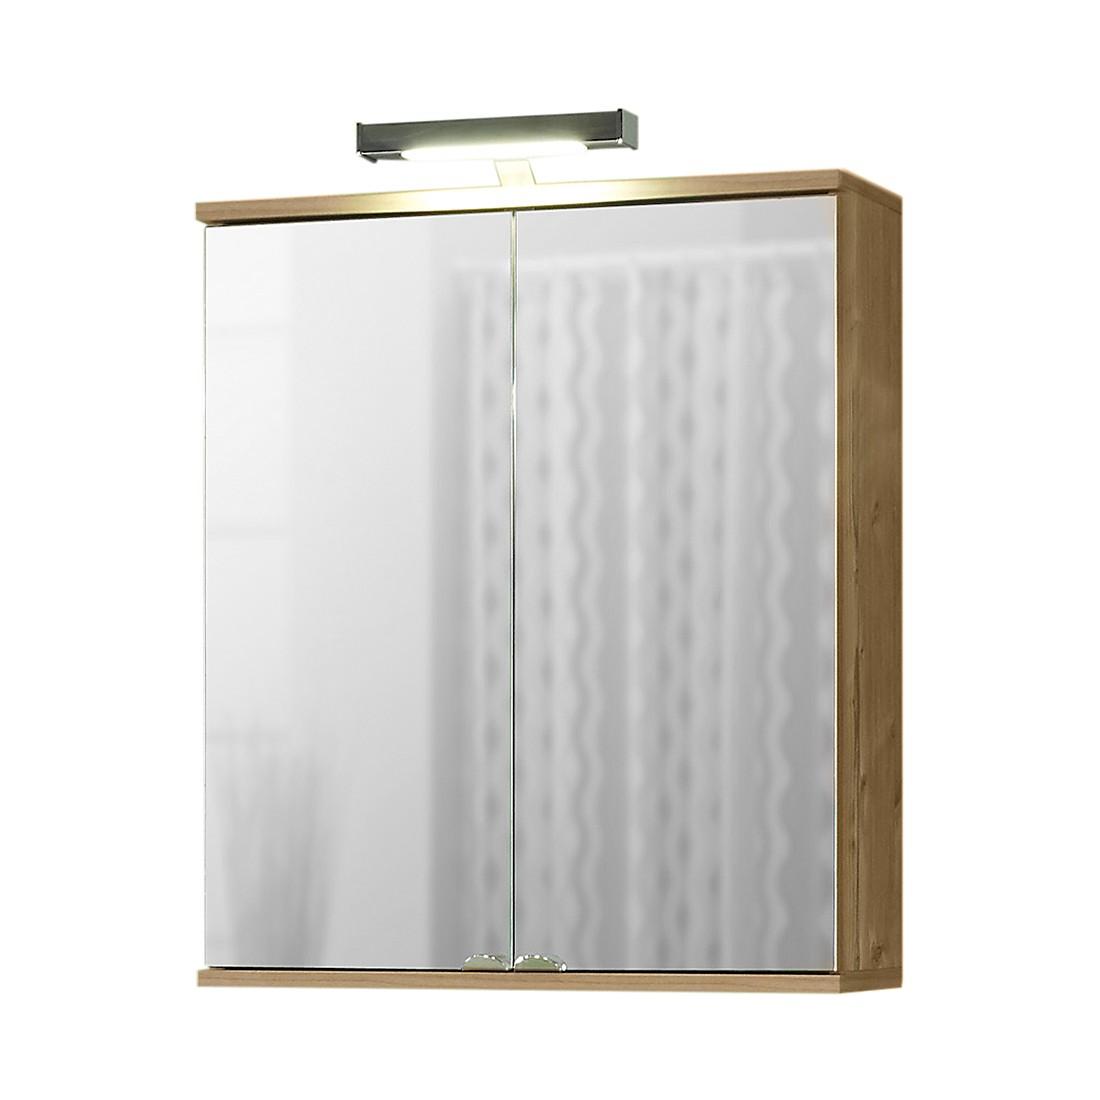 Spiegelschrank welnezz mit led beleuchtung for Spiegelschrank mit led